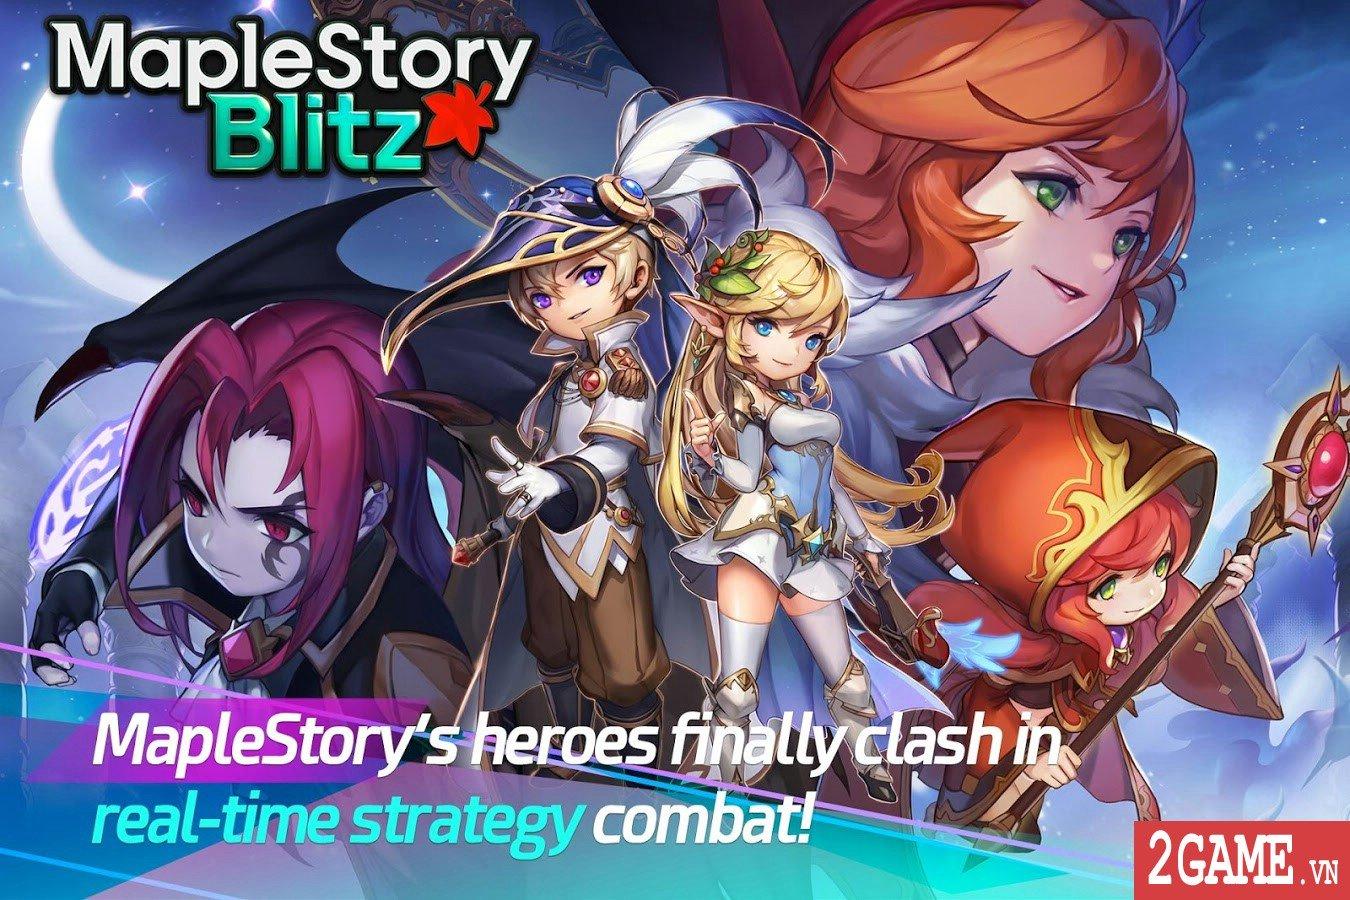 MapleStory Blitz